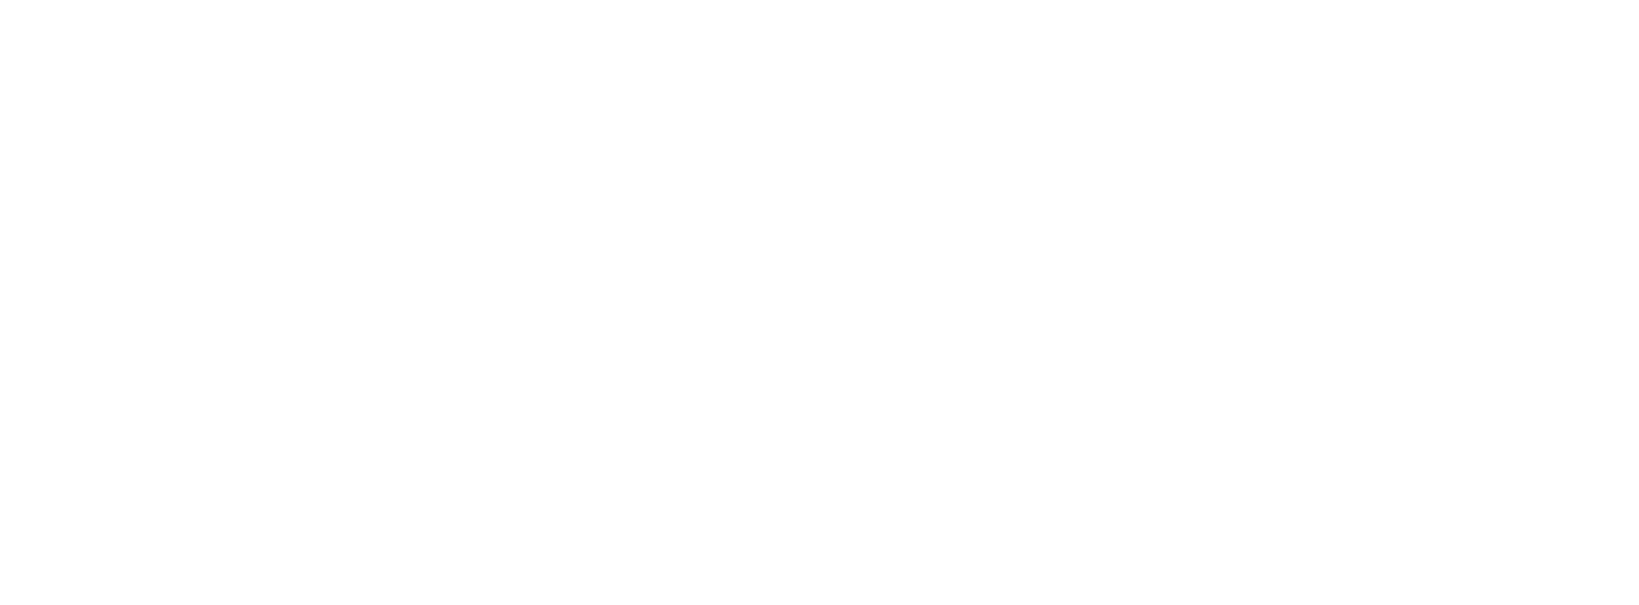 Ridgeline Environment